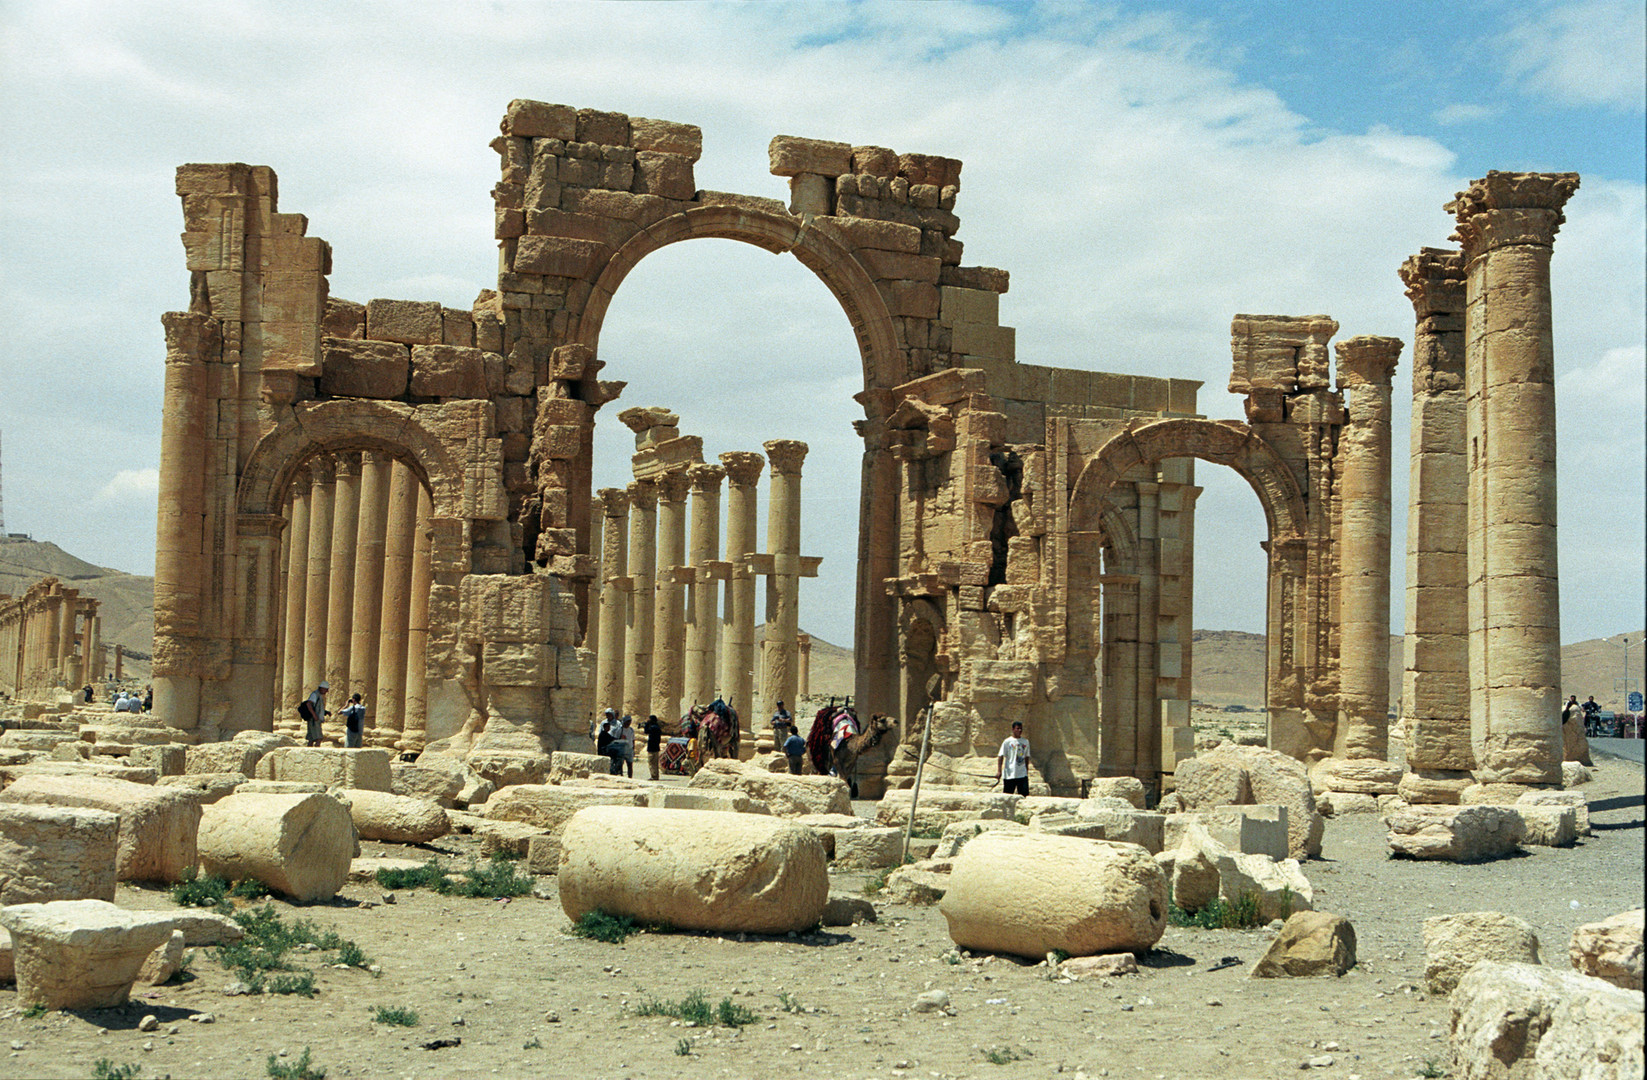 Barbaren des 21. Jahrhunderts: Religiöse Fanatiker zerstören Kulturdenkmäler im Nahen Osten